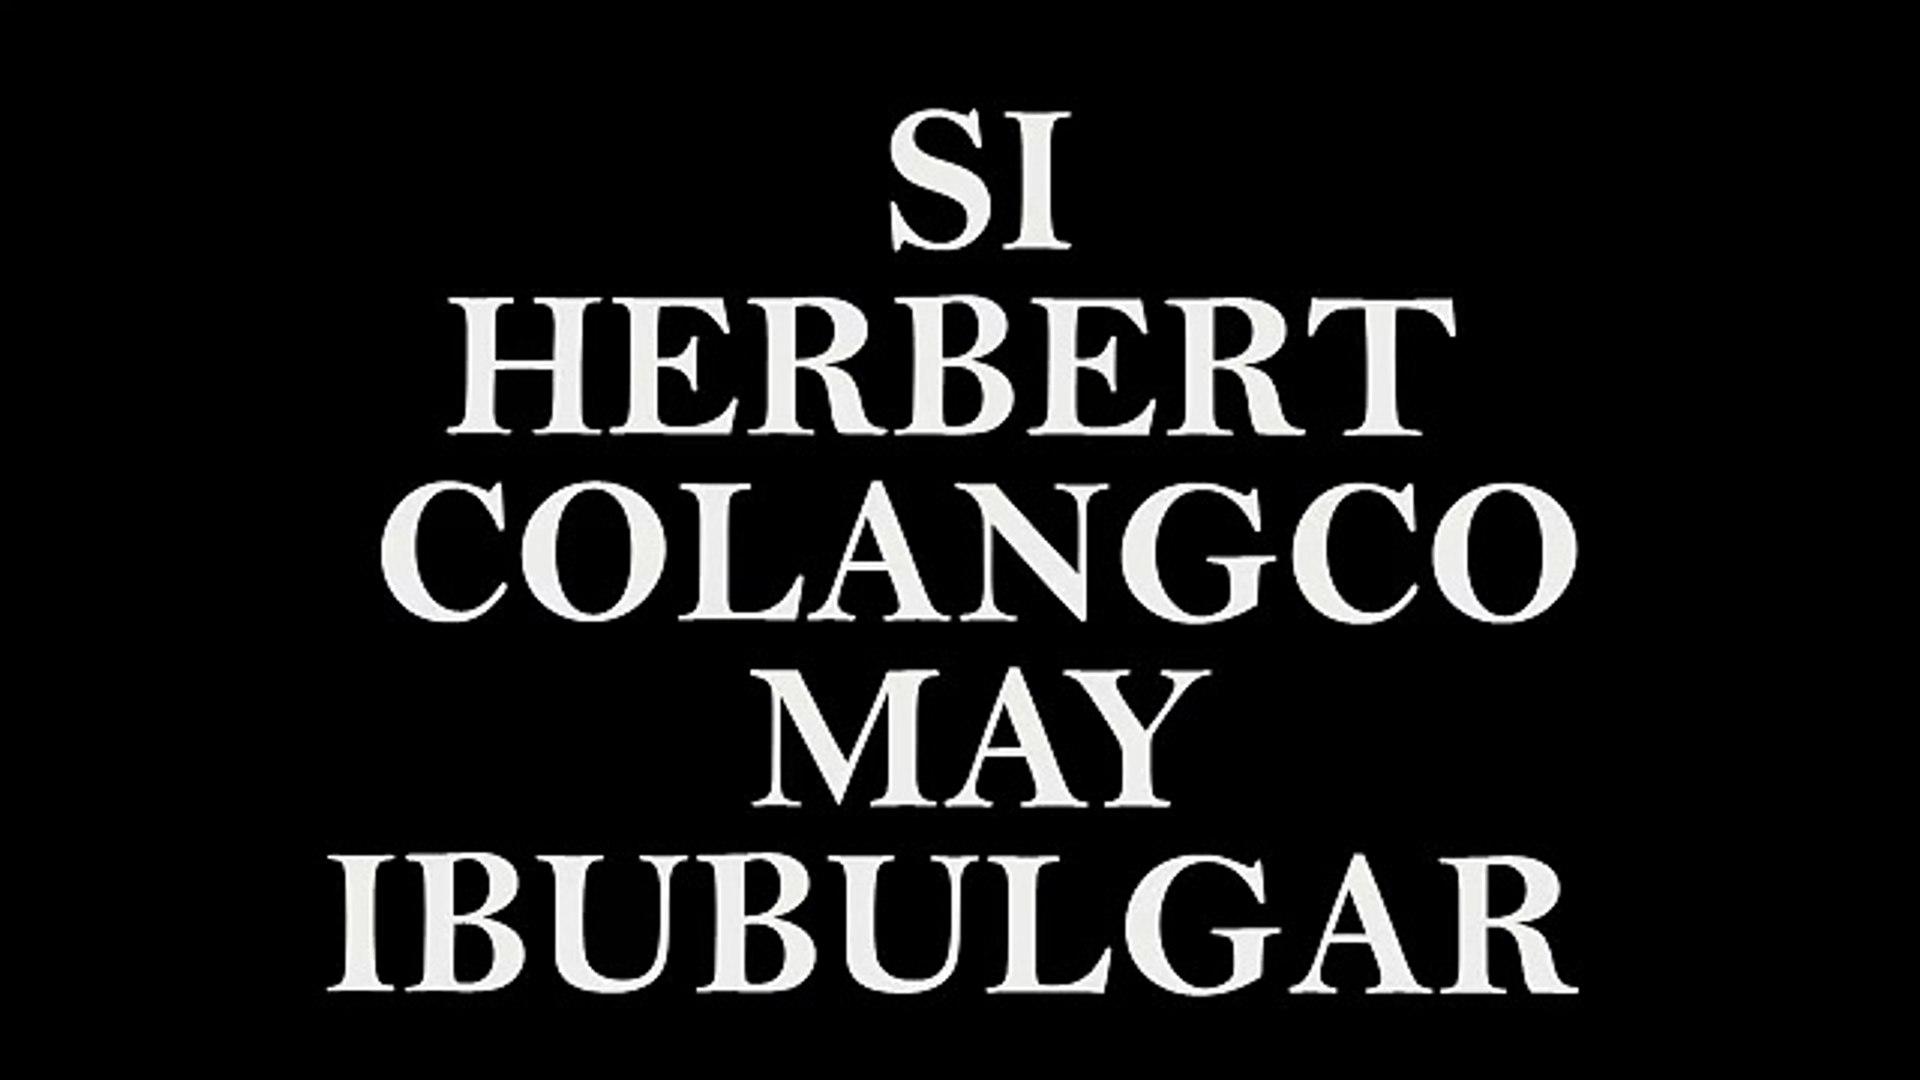 BREAKING NEWS! HERBERT COLANGCO IBINULGAR...